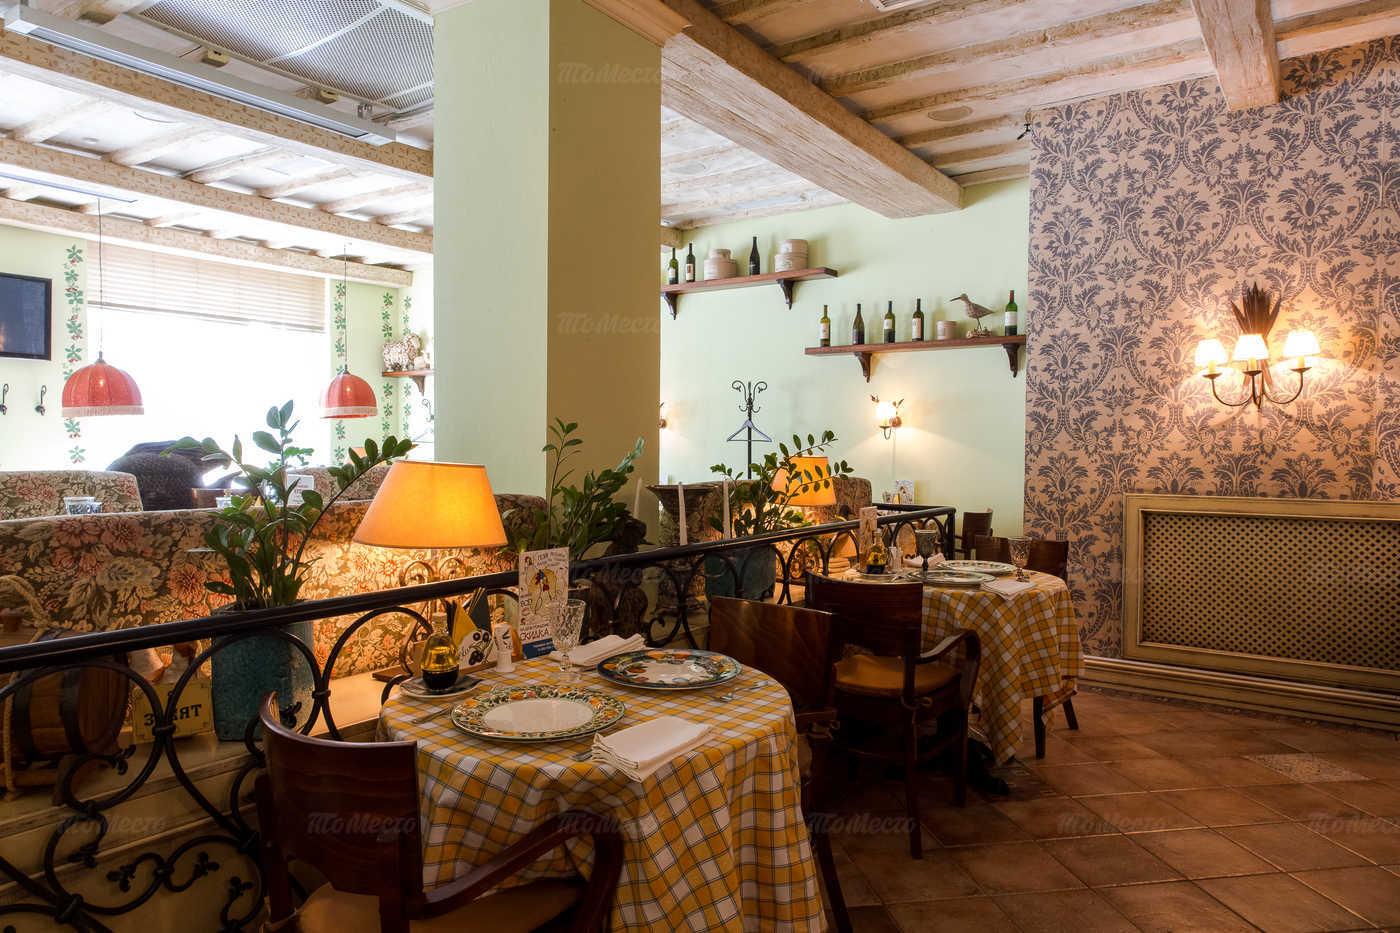 Меню ресторана Бенвенуто (Benvenuto) на Велозаводской улице